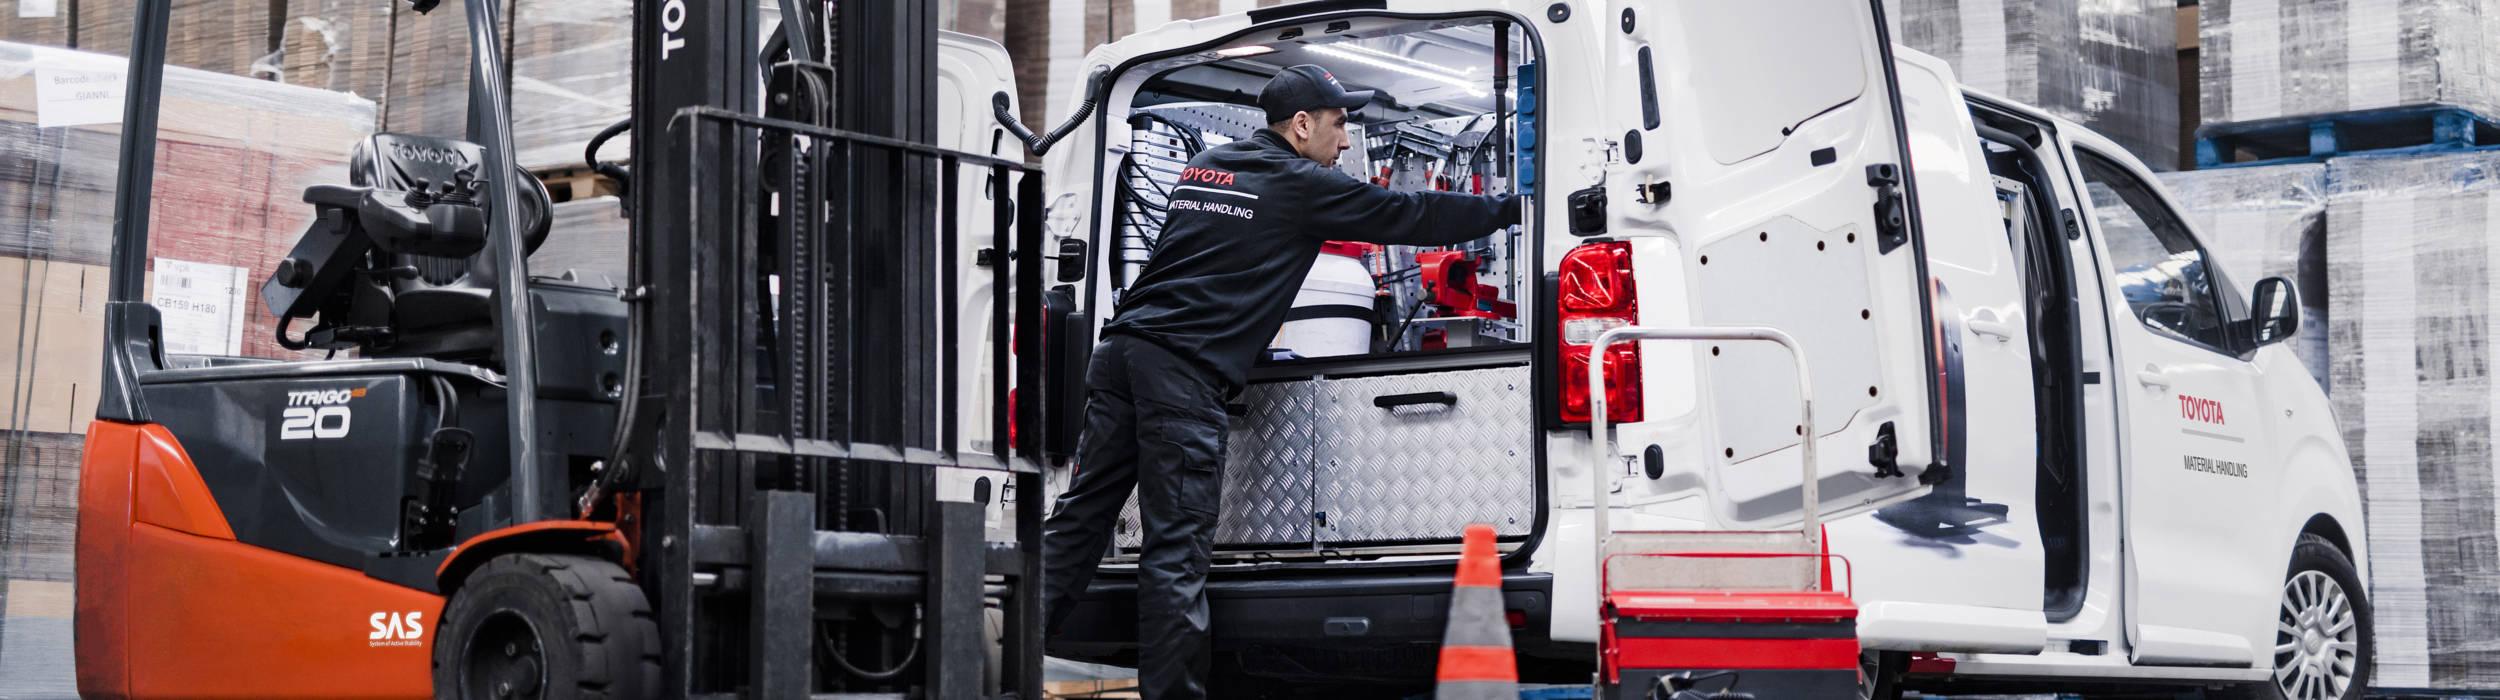 Θέση εργασίας ηλεκτρολόγος ανυψωτικών μηχανημάτων στην Αττική για την Toyota Material Handling Greece